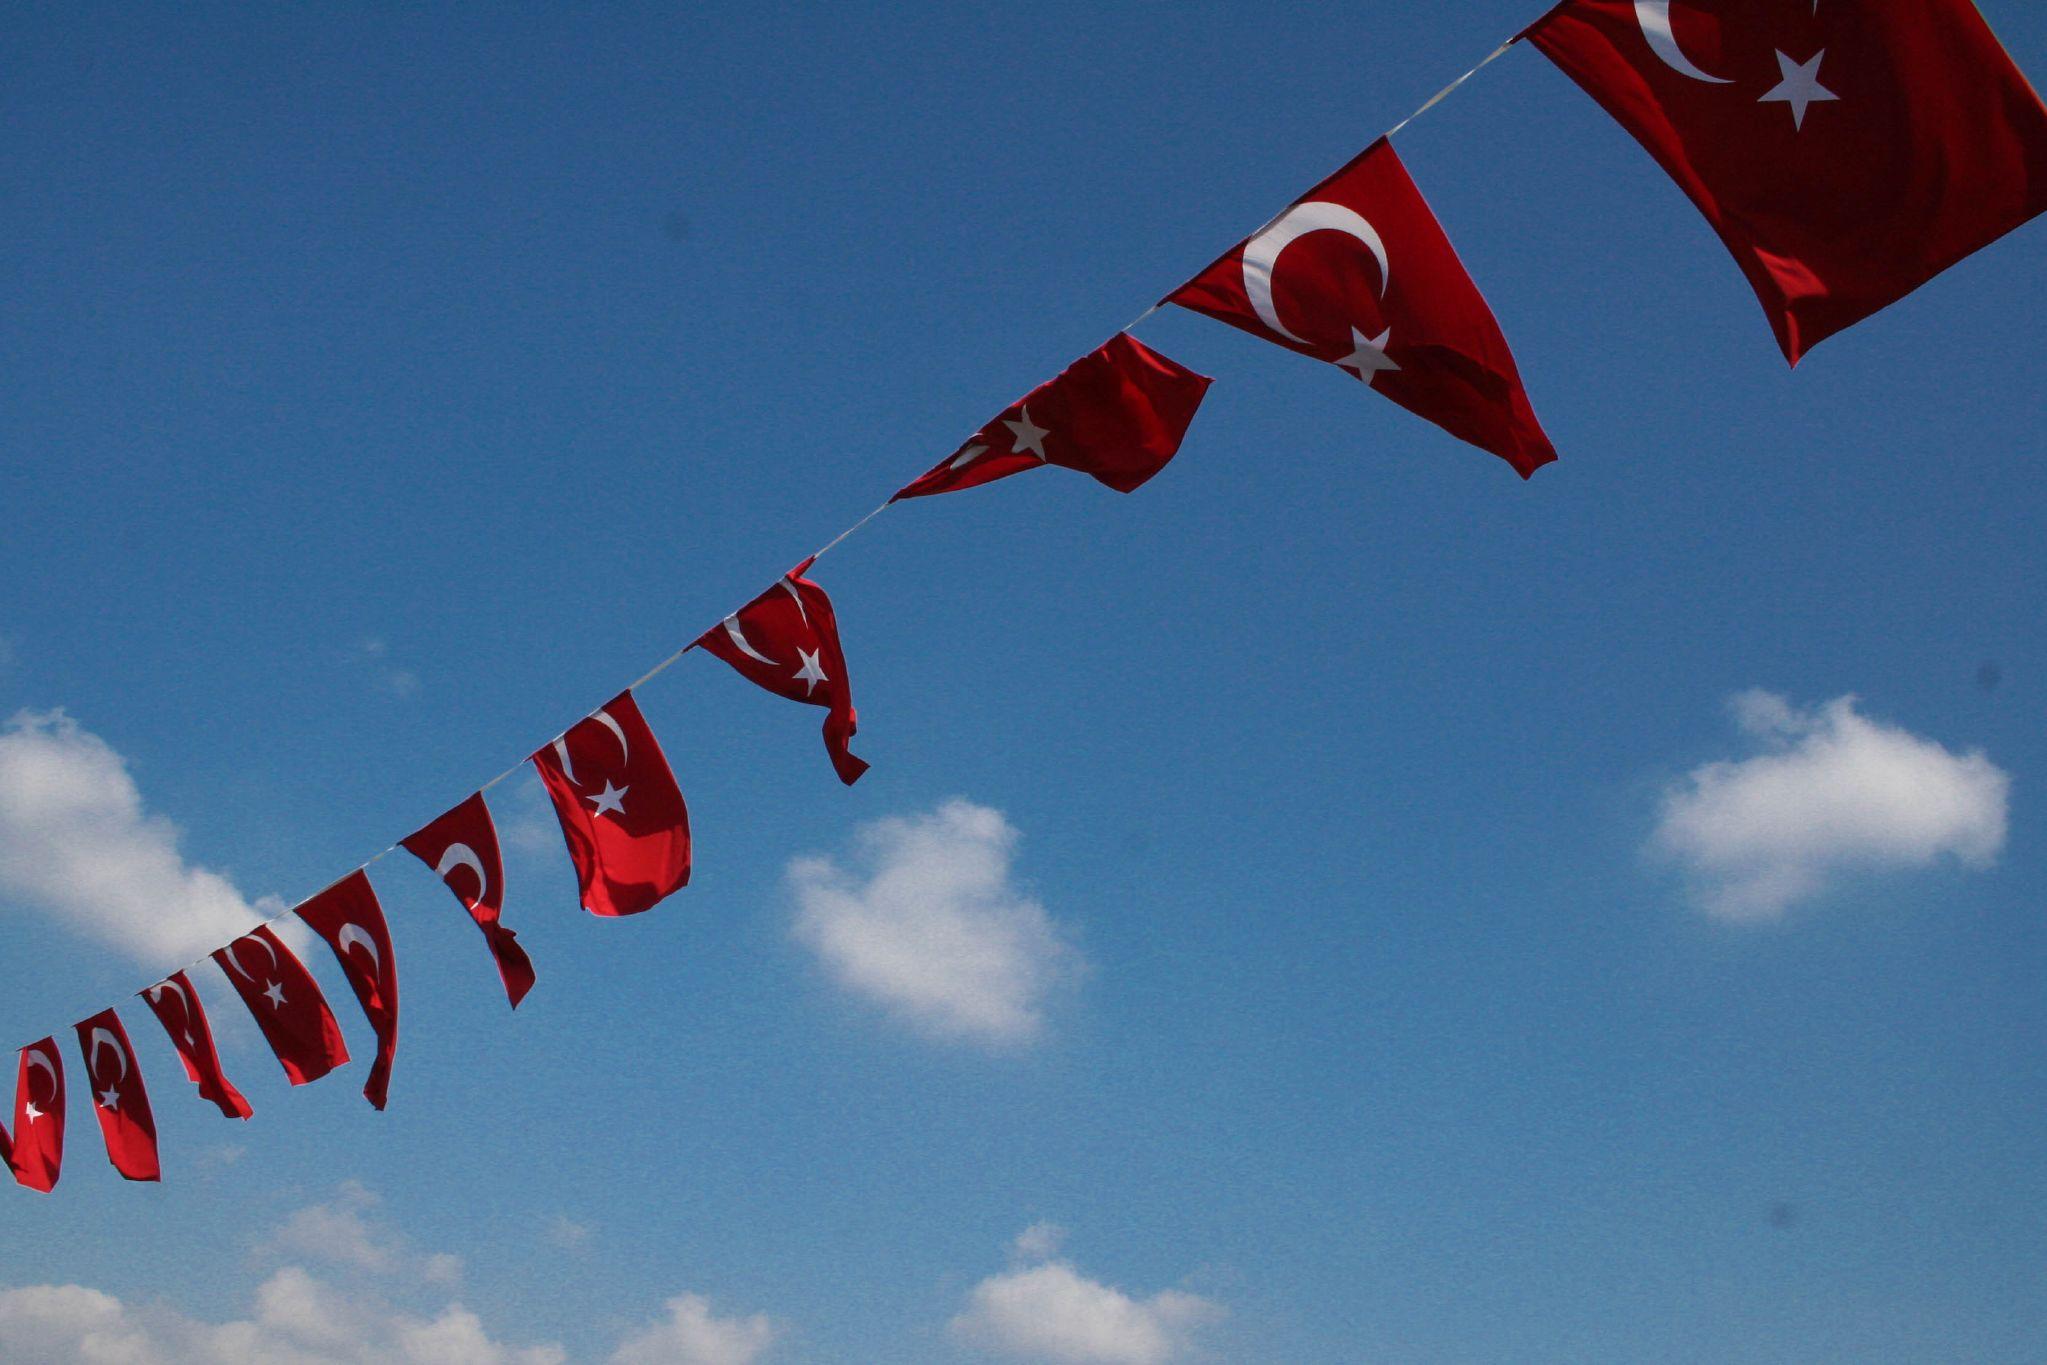 Die EU hat die Beitrittsverhandlungen mit der Türkei erneut gestartet.